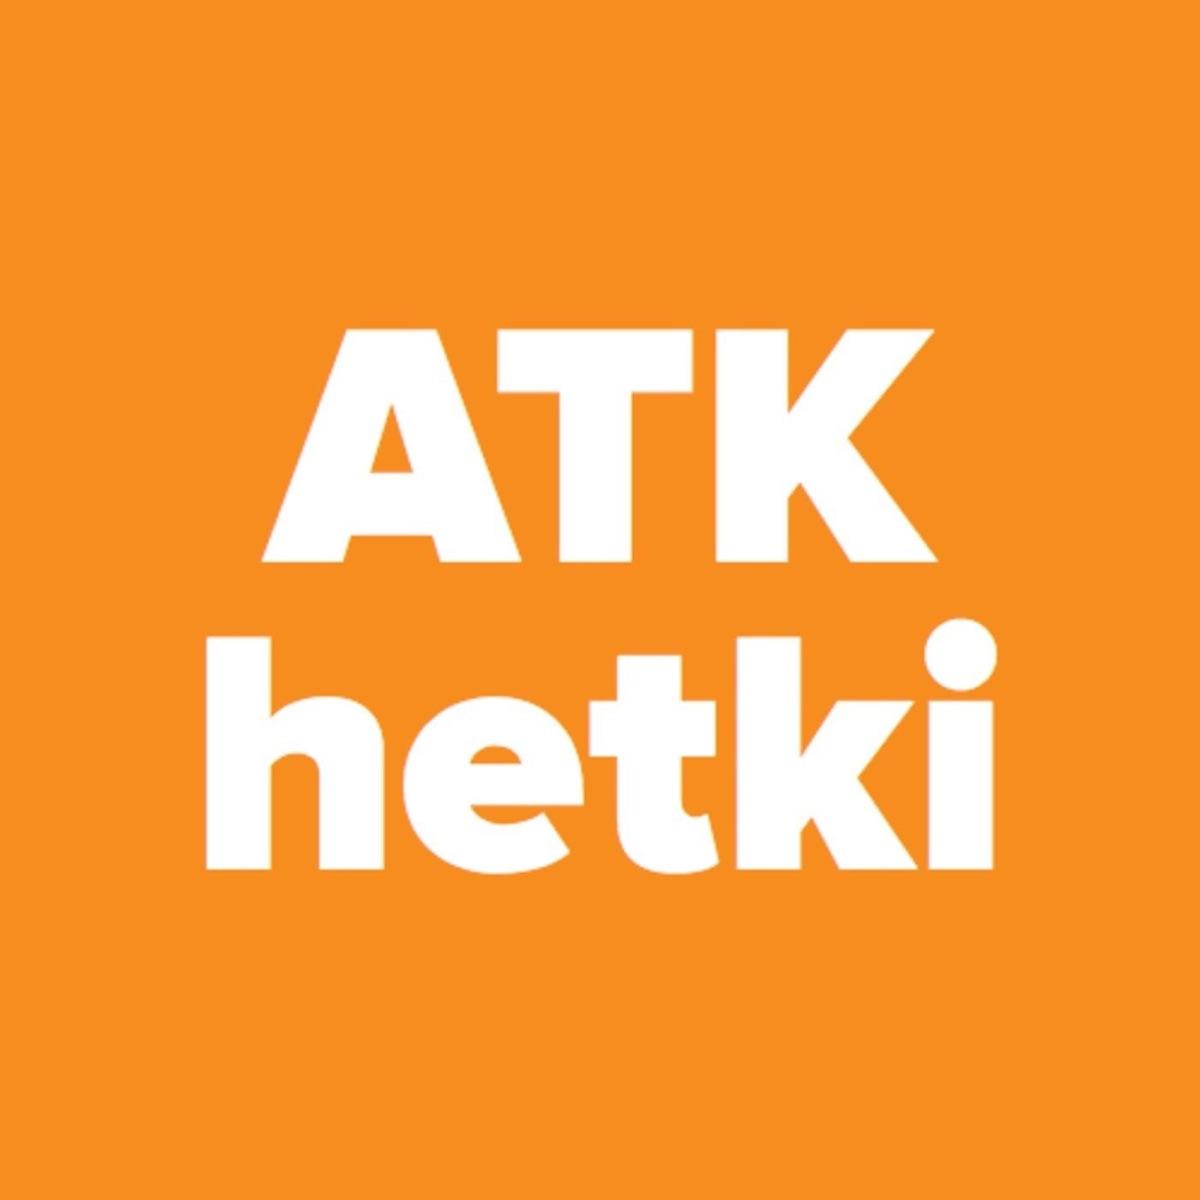 ATK-hetki